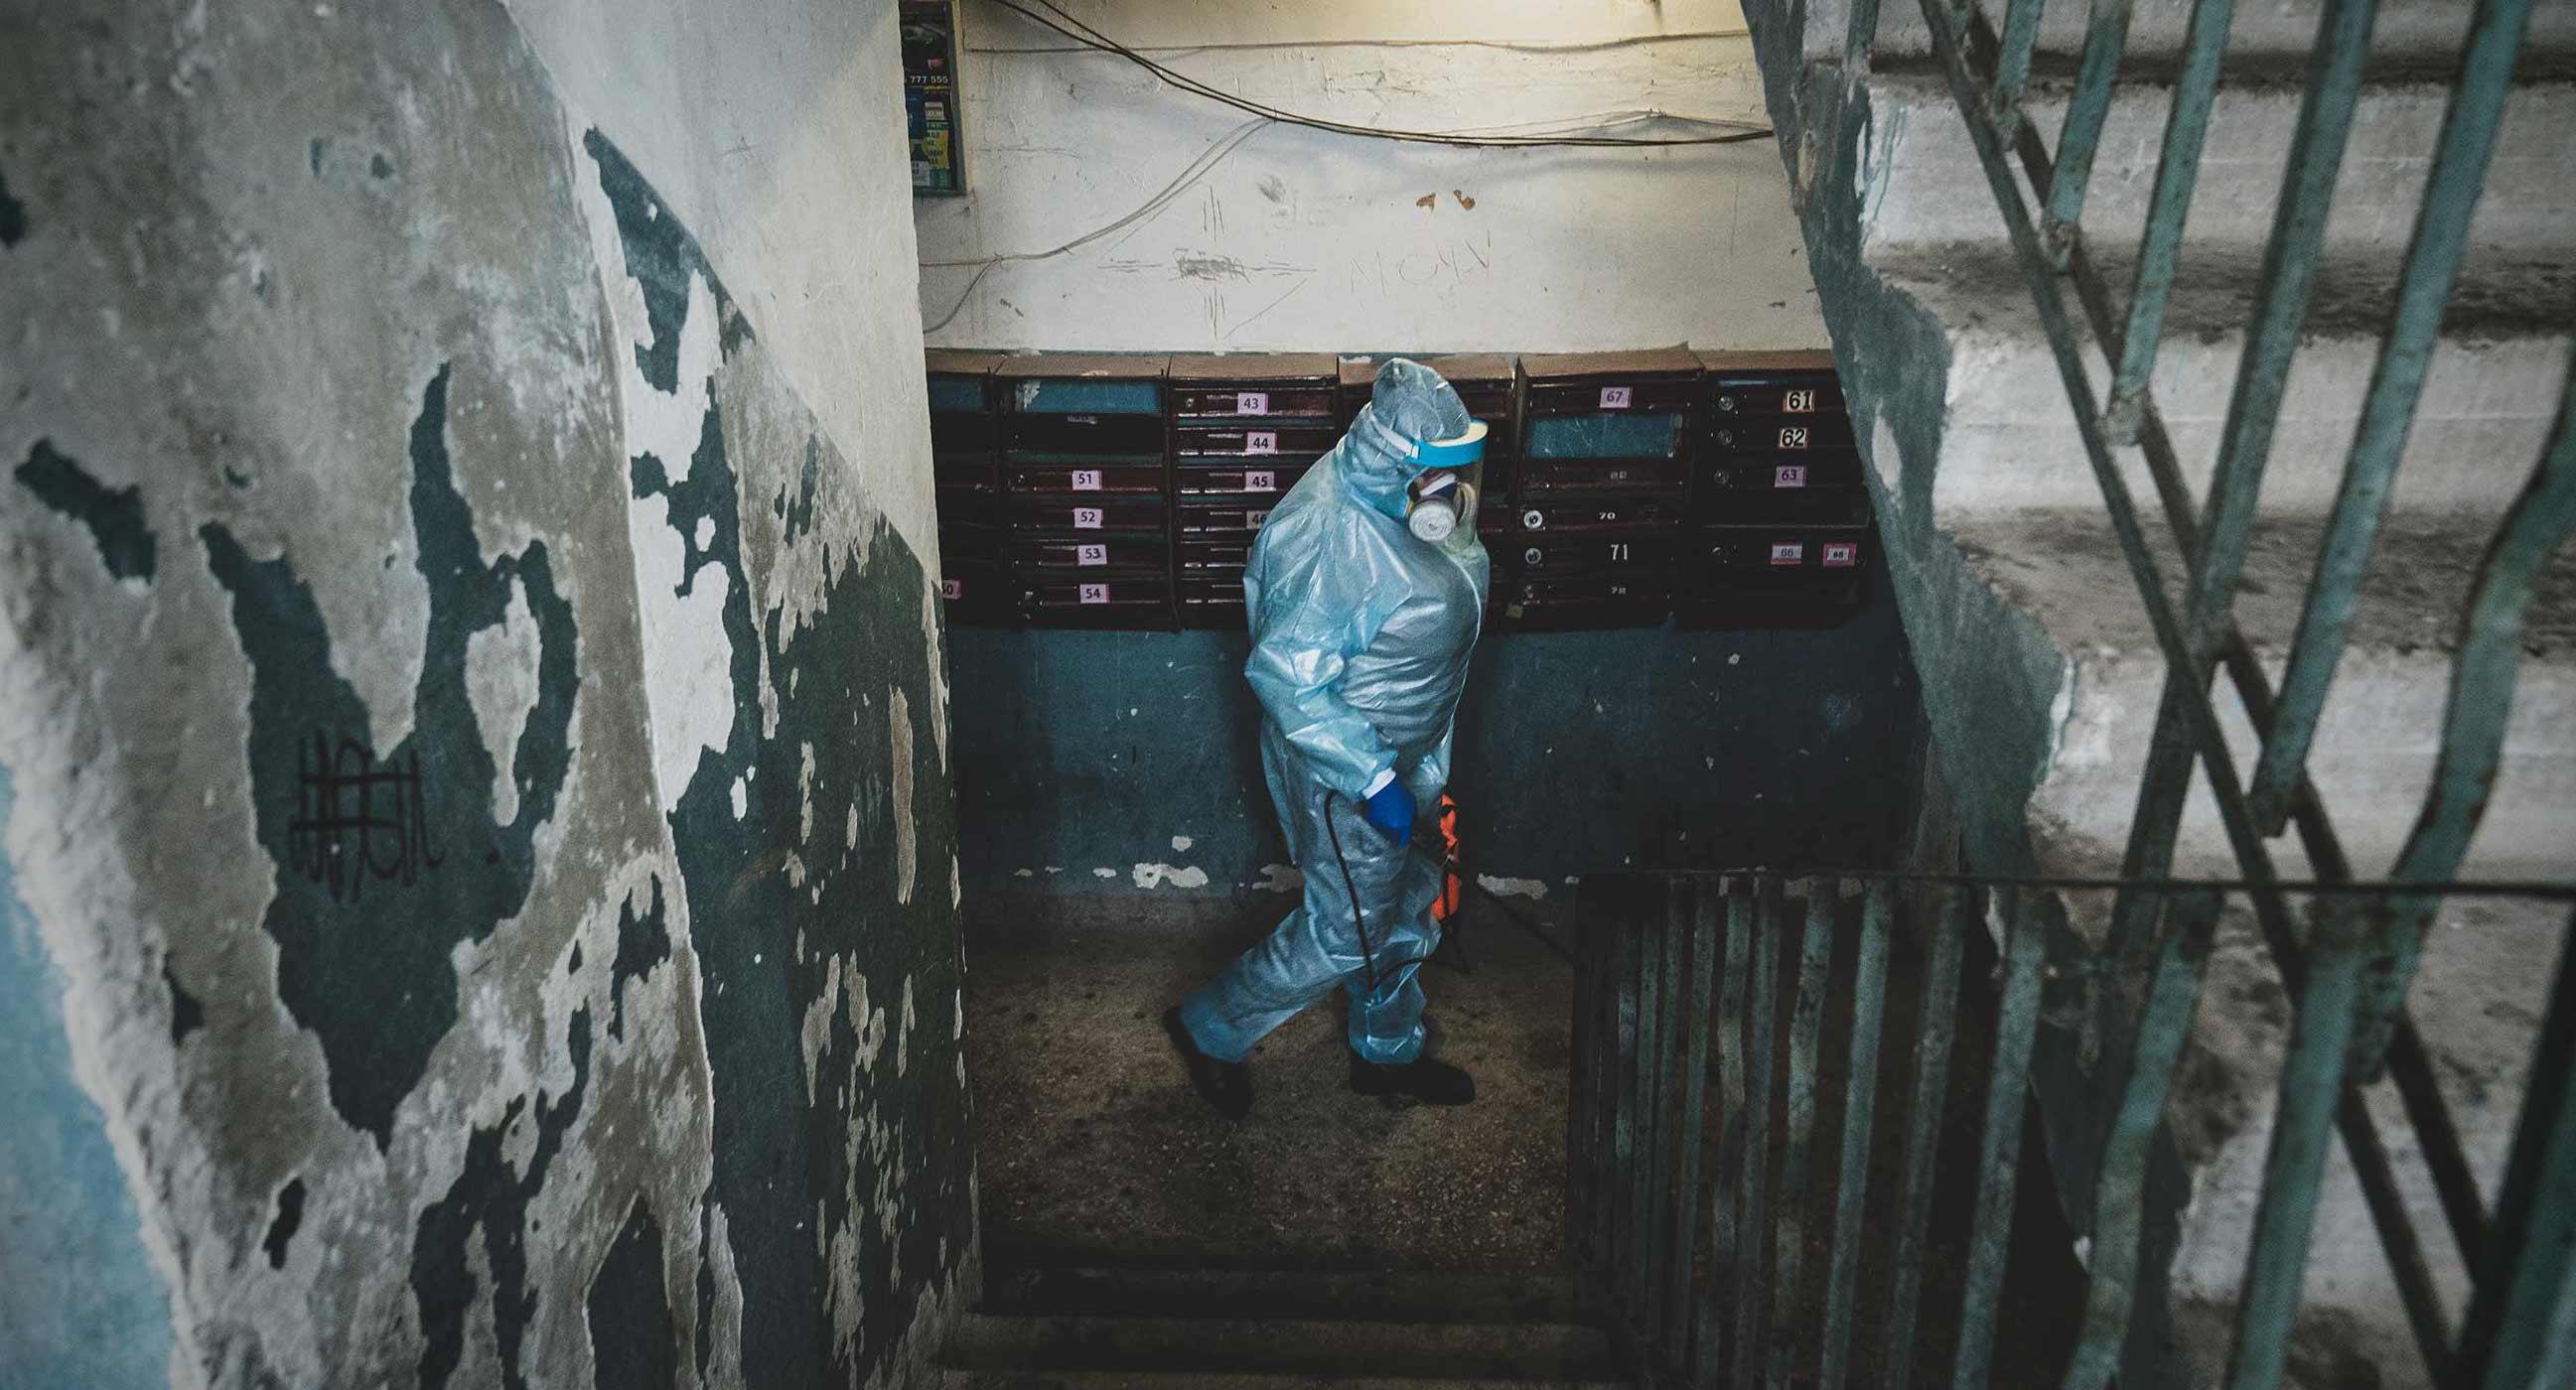 Пандемия в серой зоне. Фоторепортаж Забороны о том, как Луганская область борется с коронавирусом